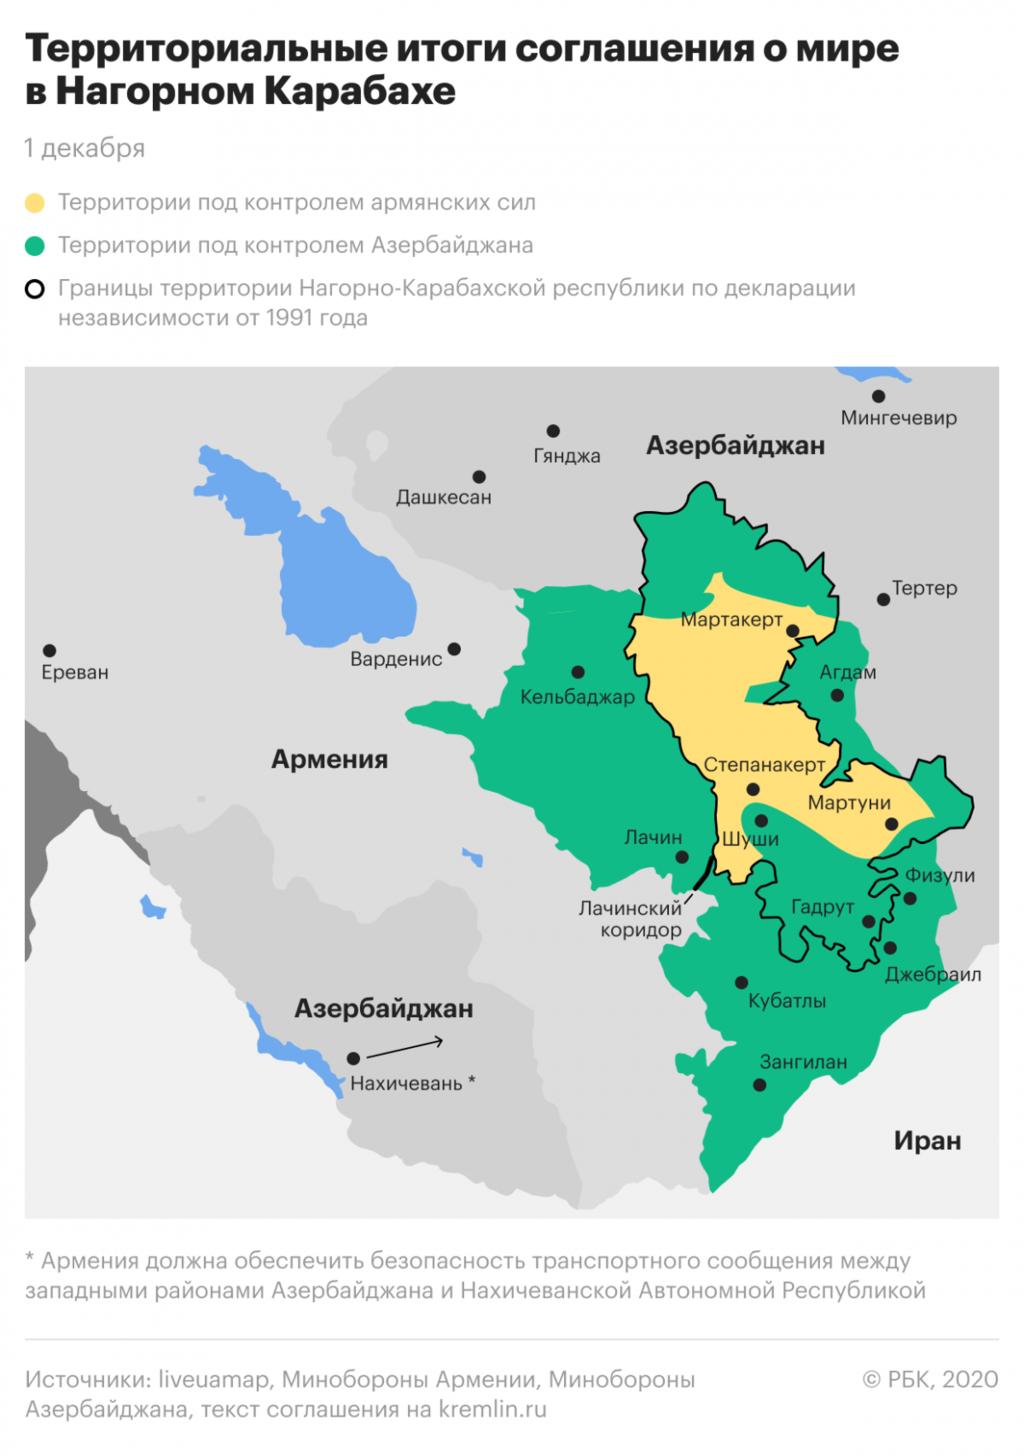 Az Azerbajdzsán által nem kontrollált, világos színnel jelölt területek sorsa lesz kérdéses 2025-t követően #moszkvater